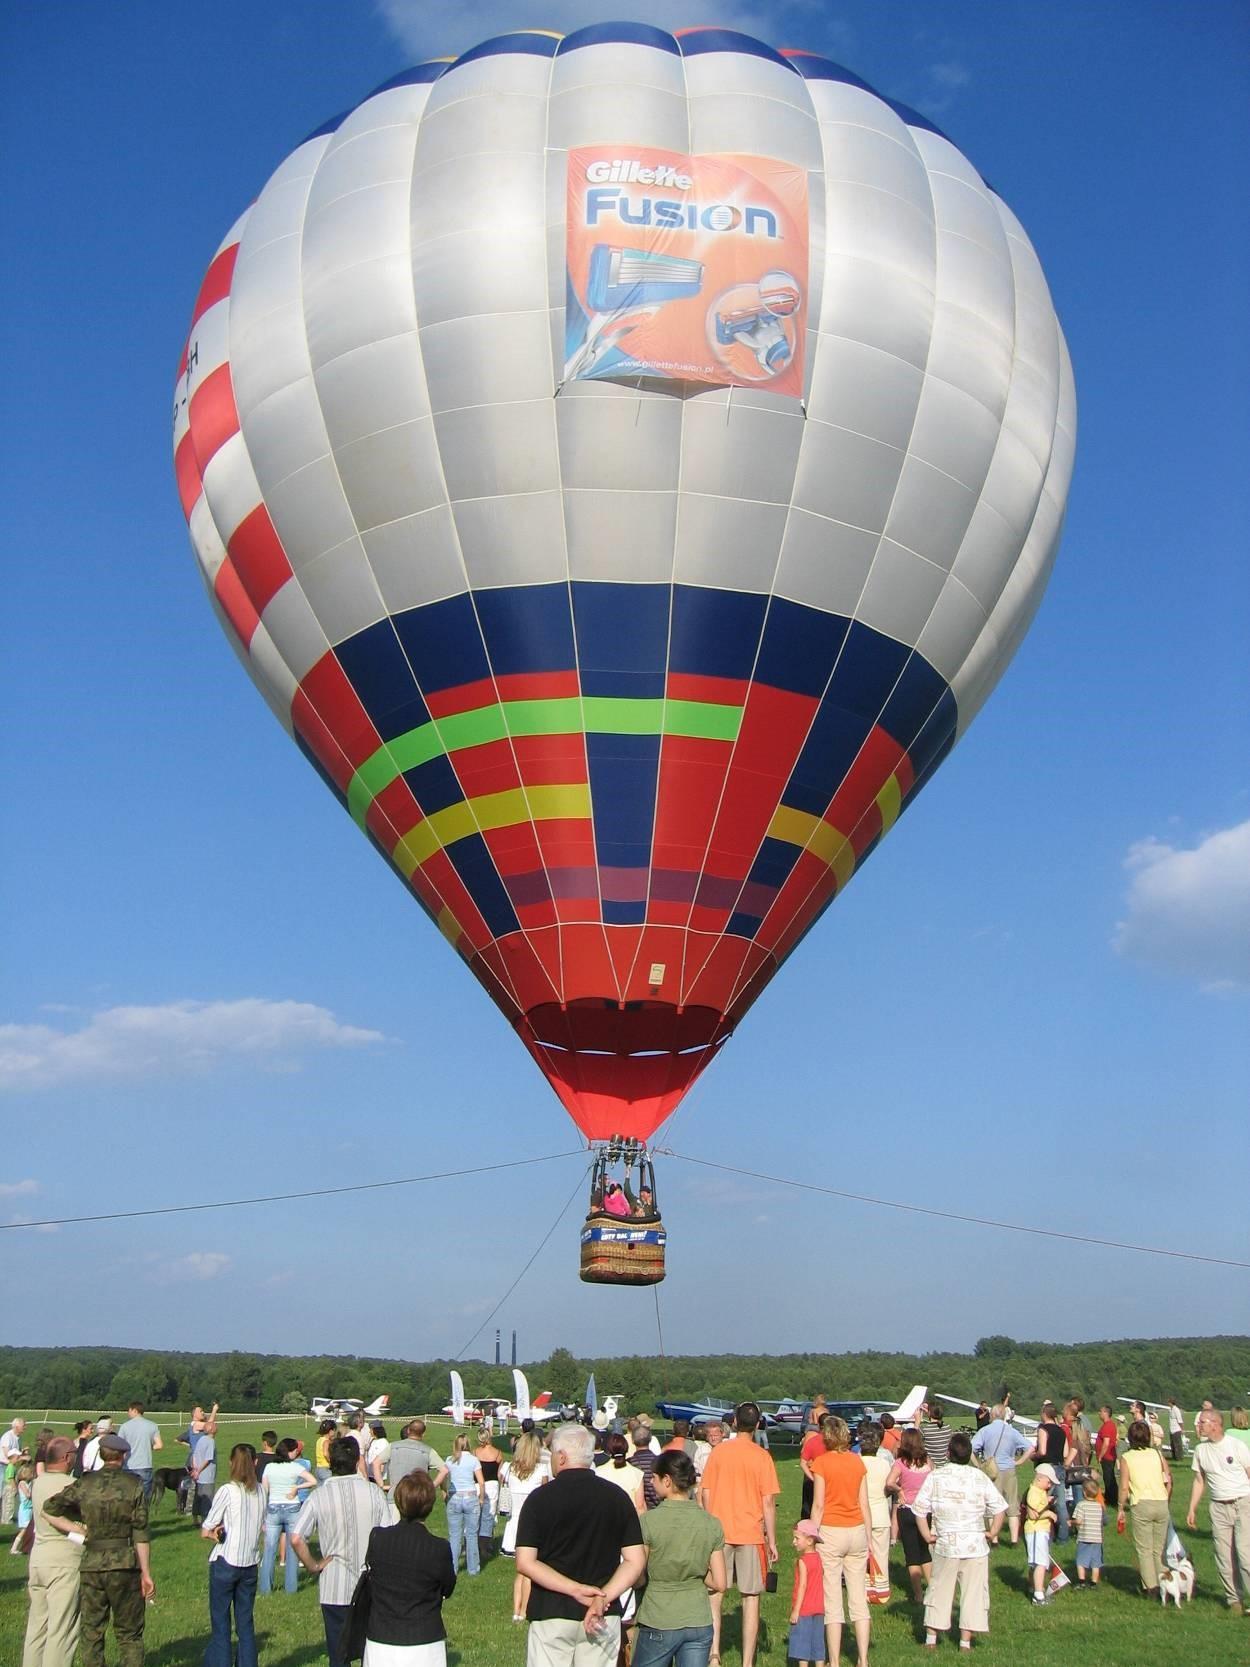 Balony Reklamowe I Reklama Na Balonie O Niebo Lepiej